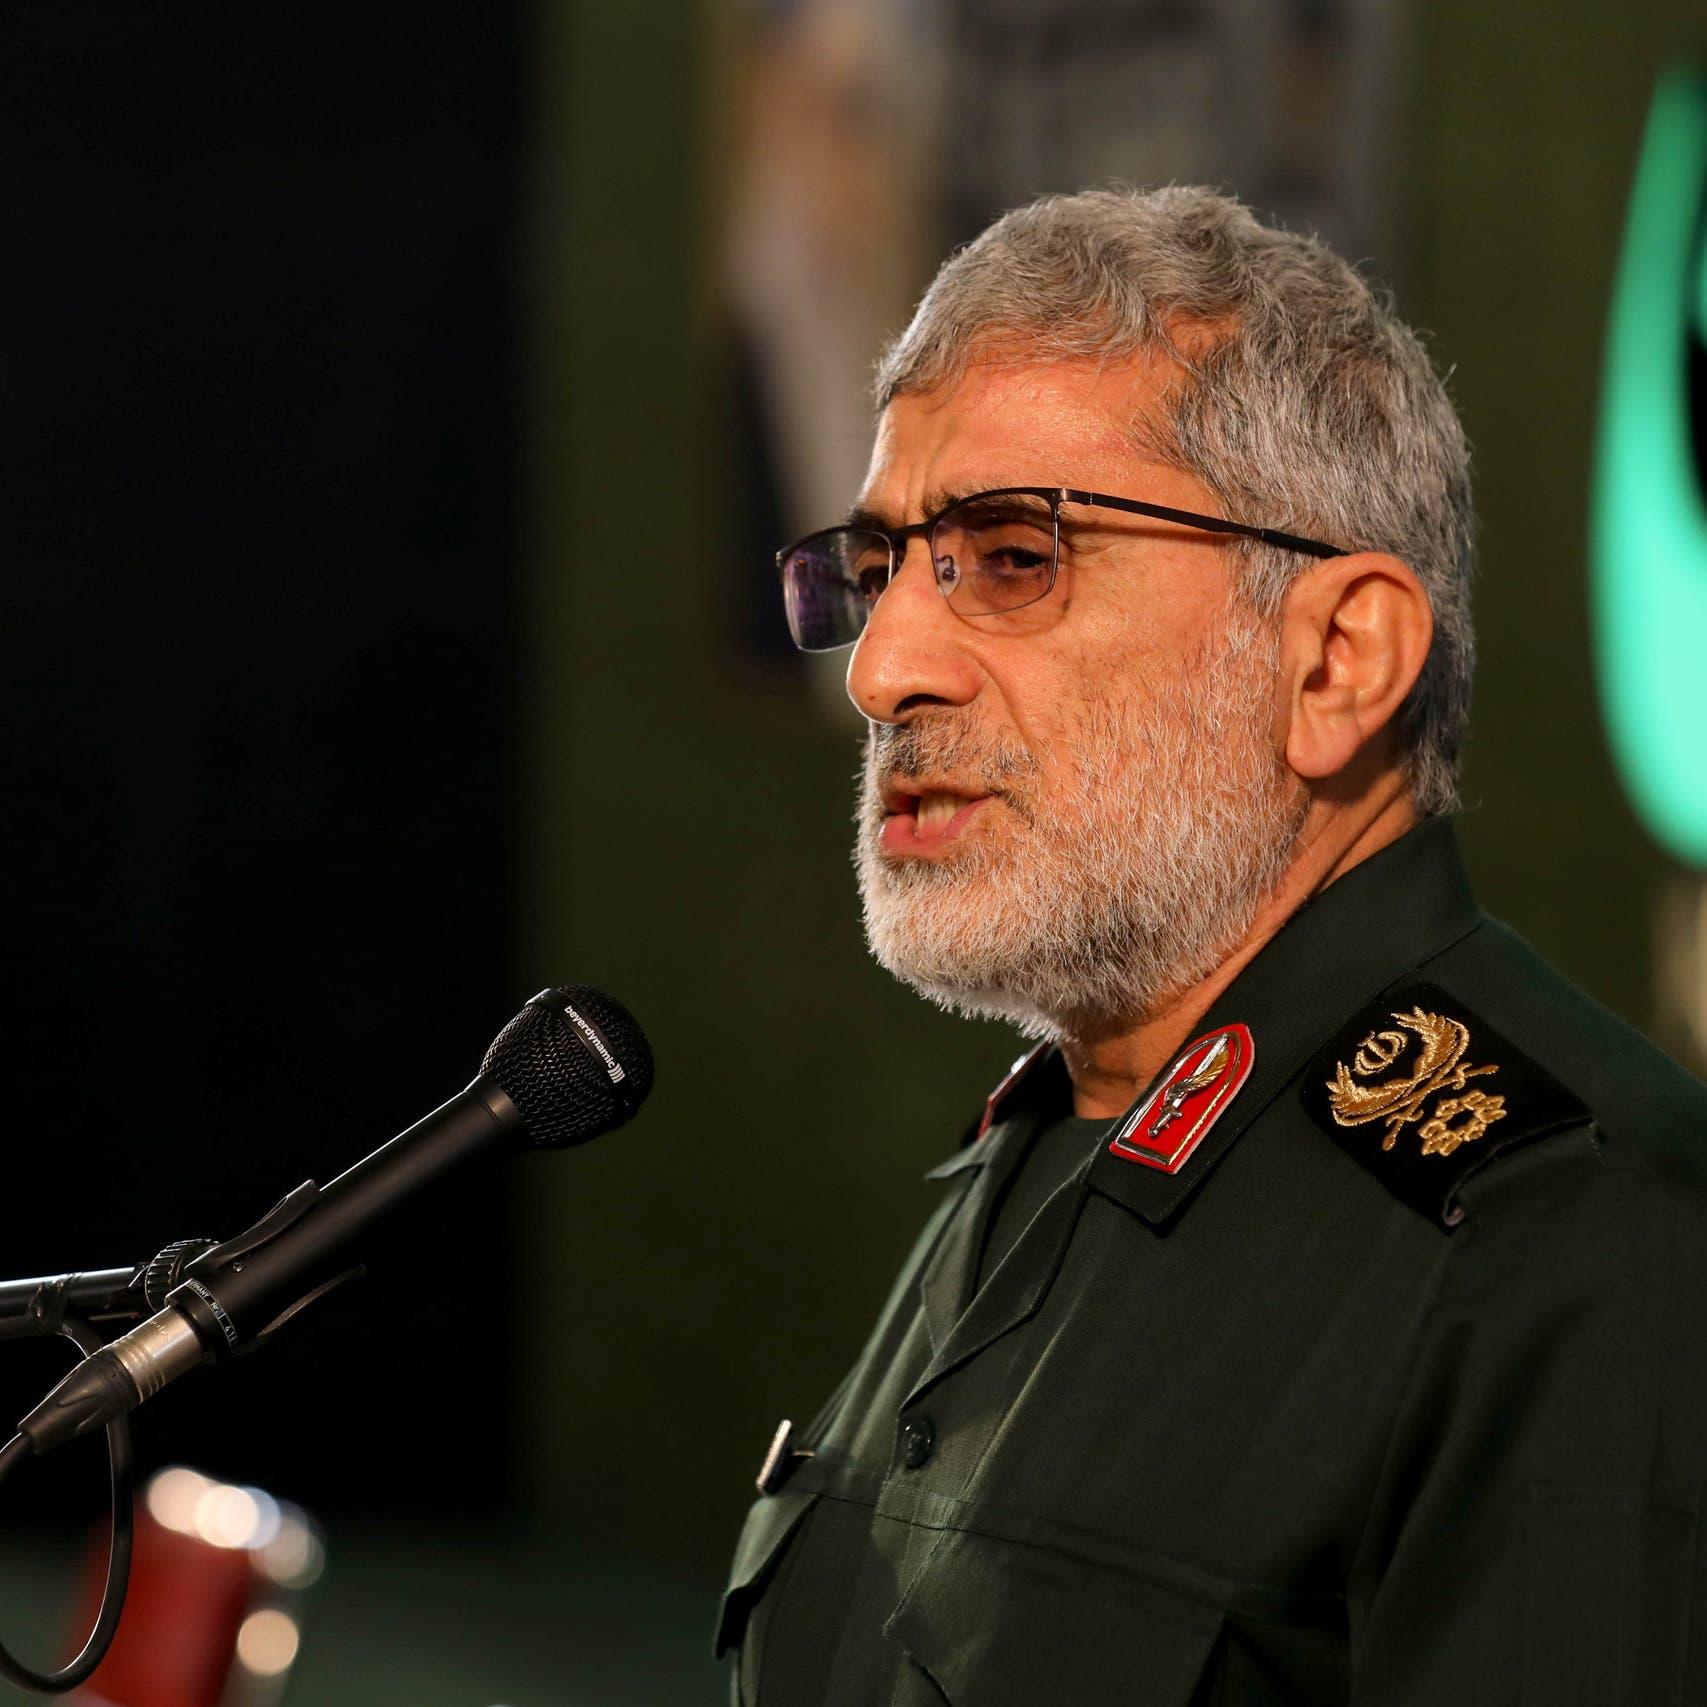 """""""سنرد داخل بيوتكم"""".. قائد فيلق القدس يهدد بعمليات إرهابية داخل أميركا"""